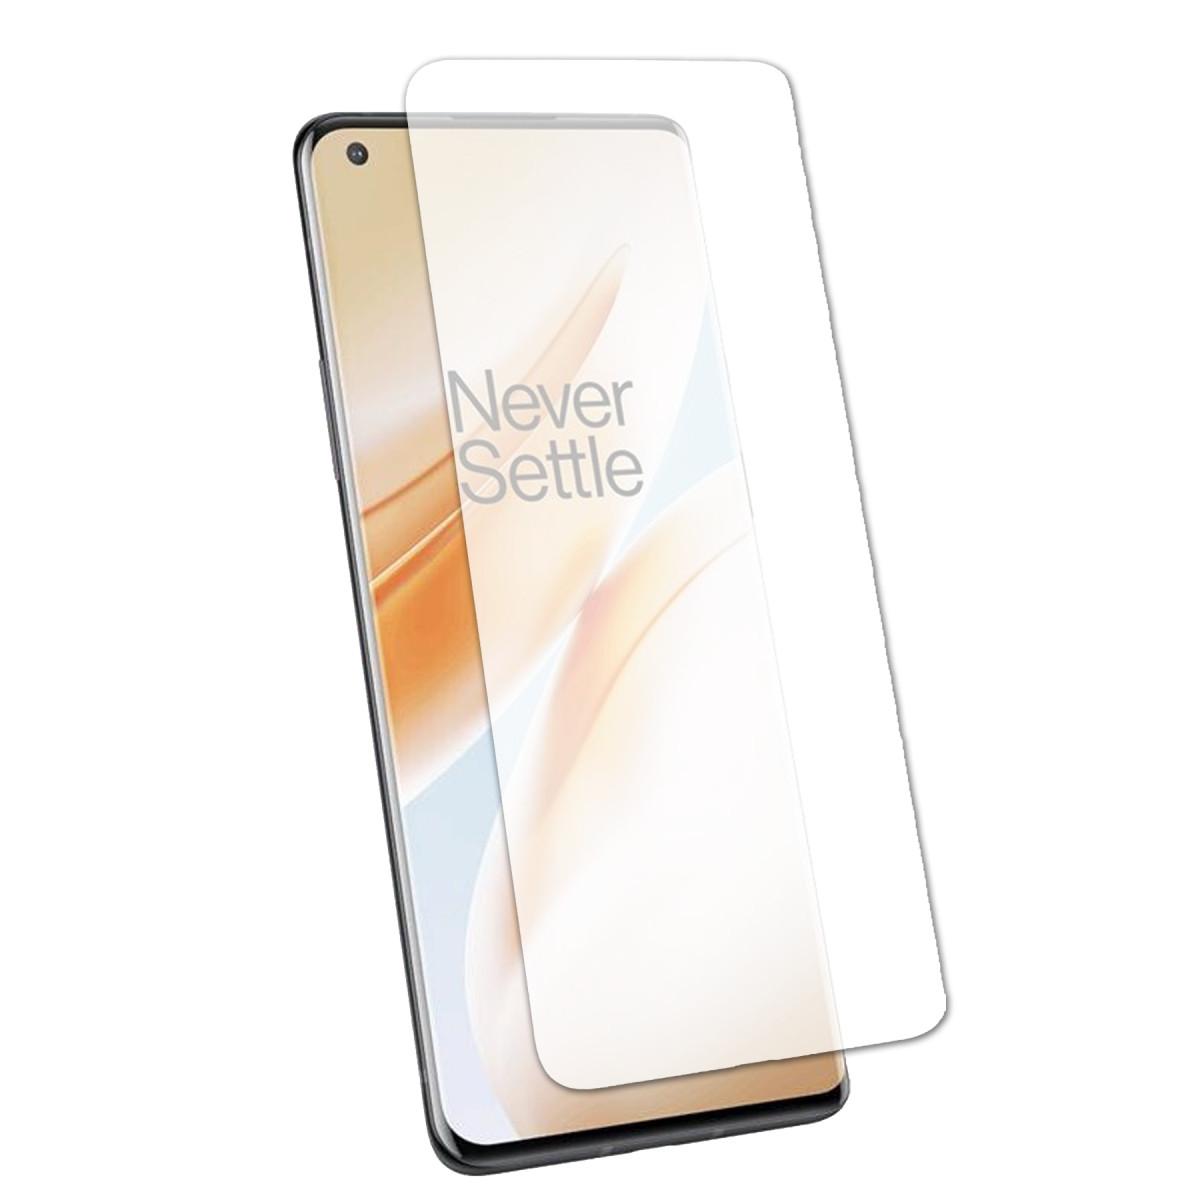 Гідрогелева захисна плівка для смартфонів OnePlus (2/X/3/3T/5/5T/6/6T/7/7 Pro та інші)